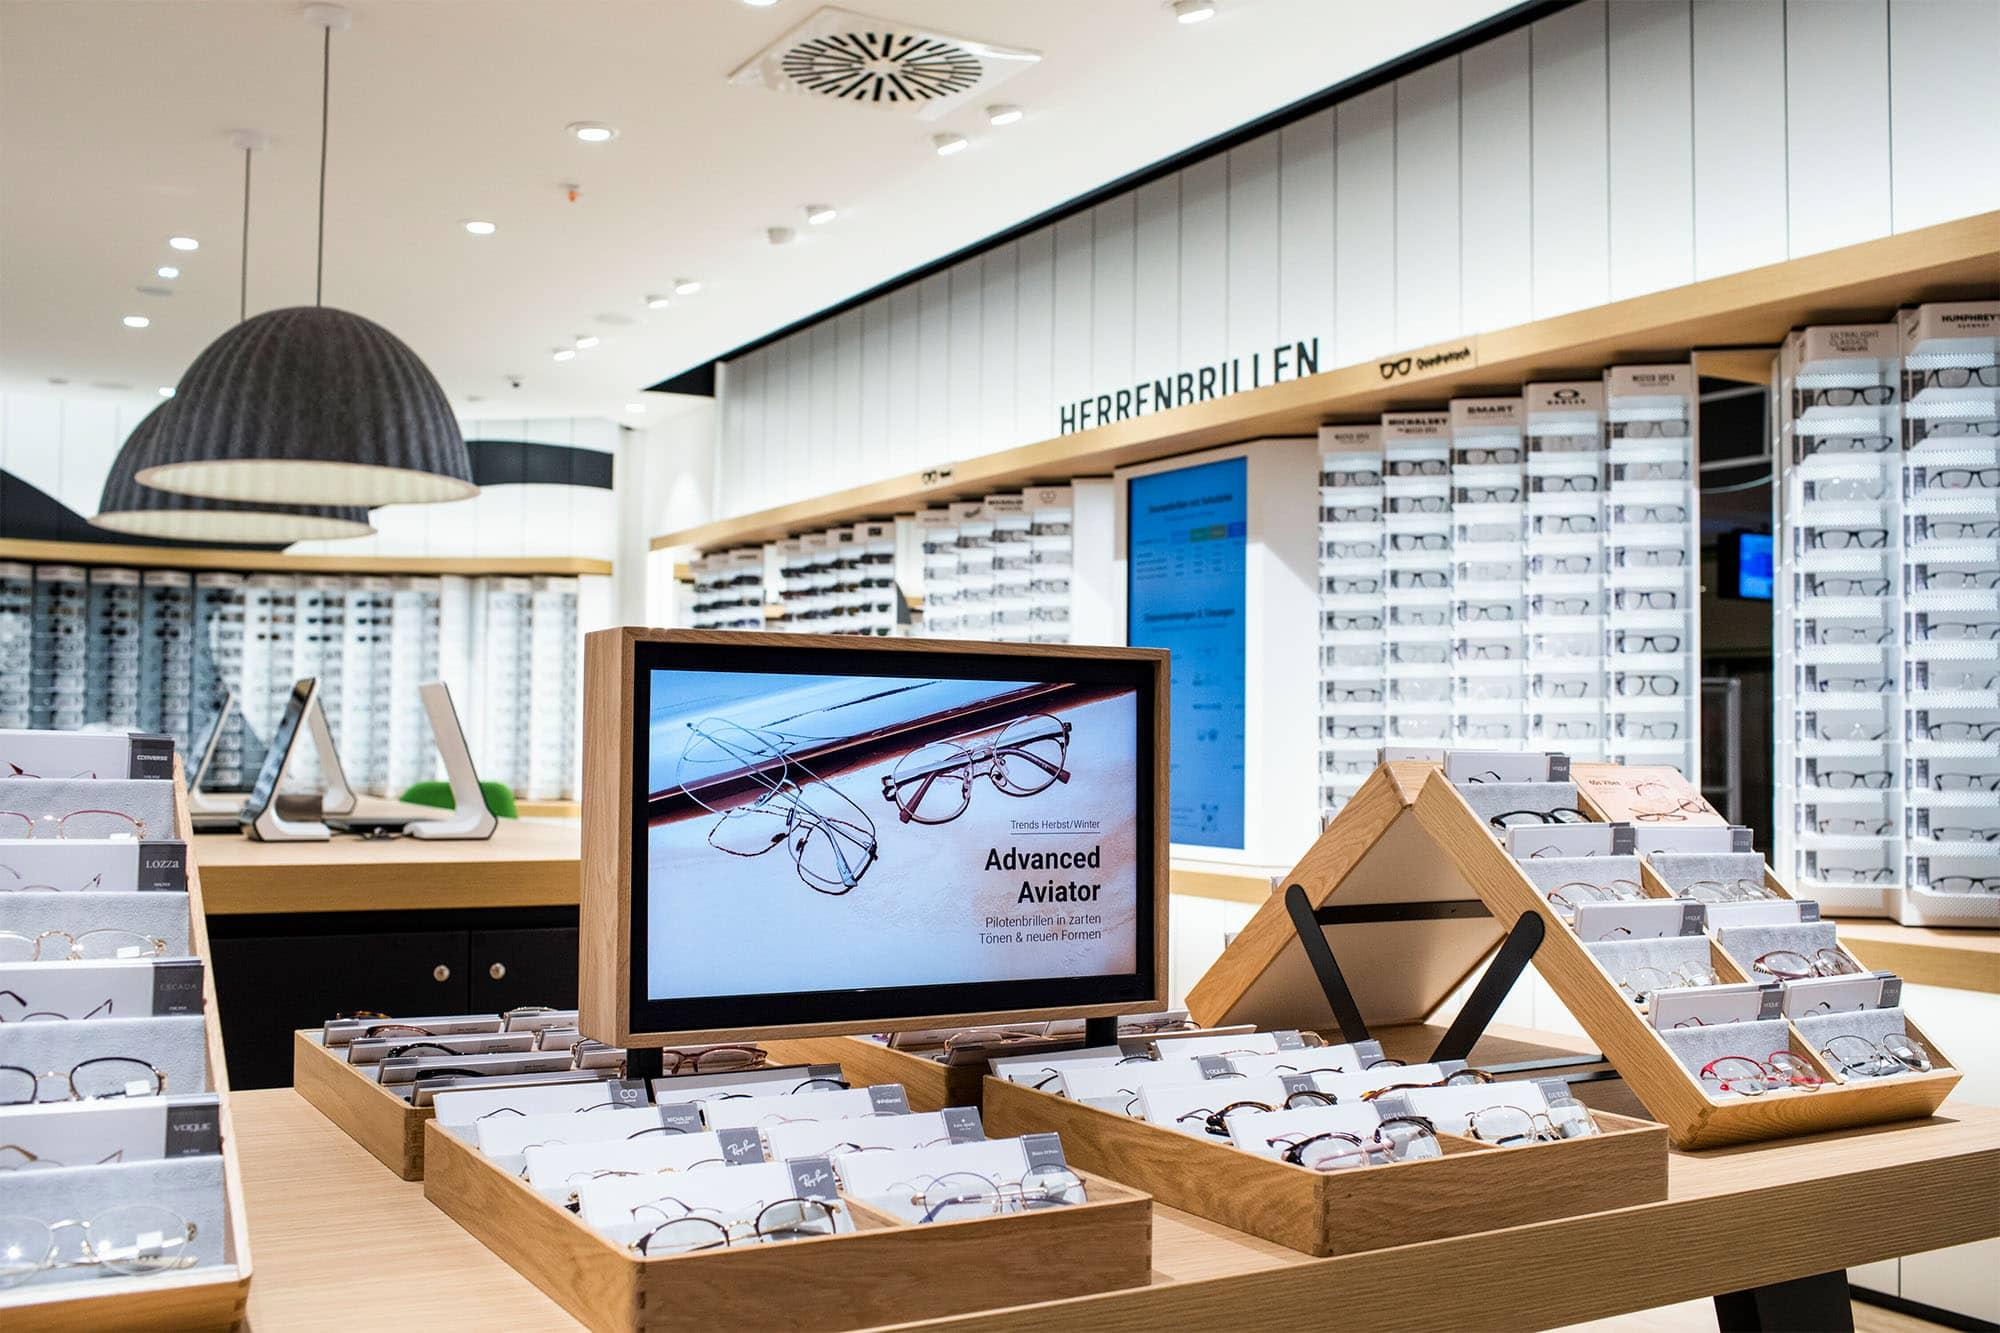 Das Bild zeigt ein Geschäft von Mister Spex